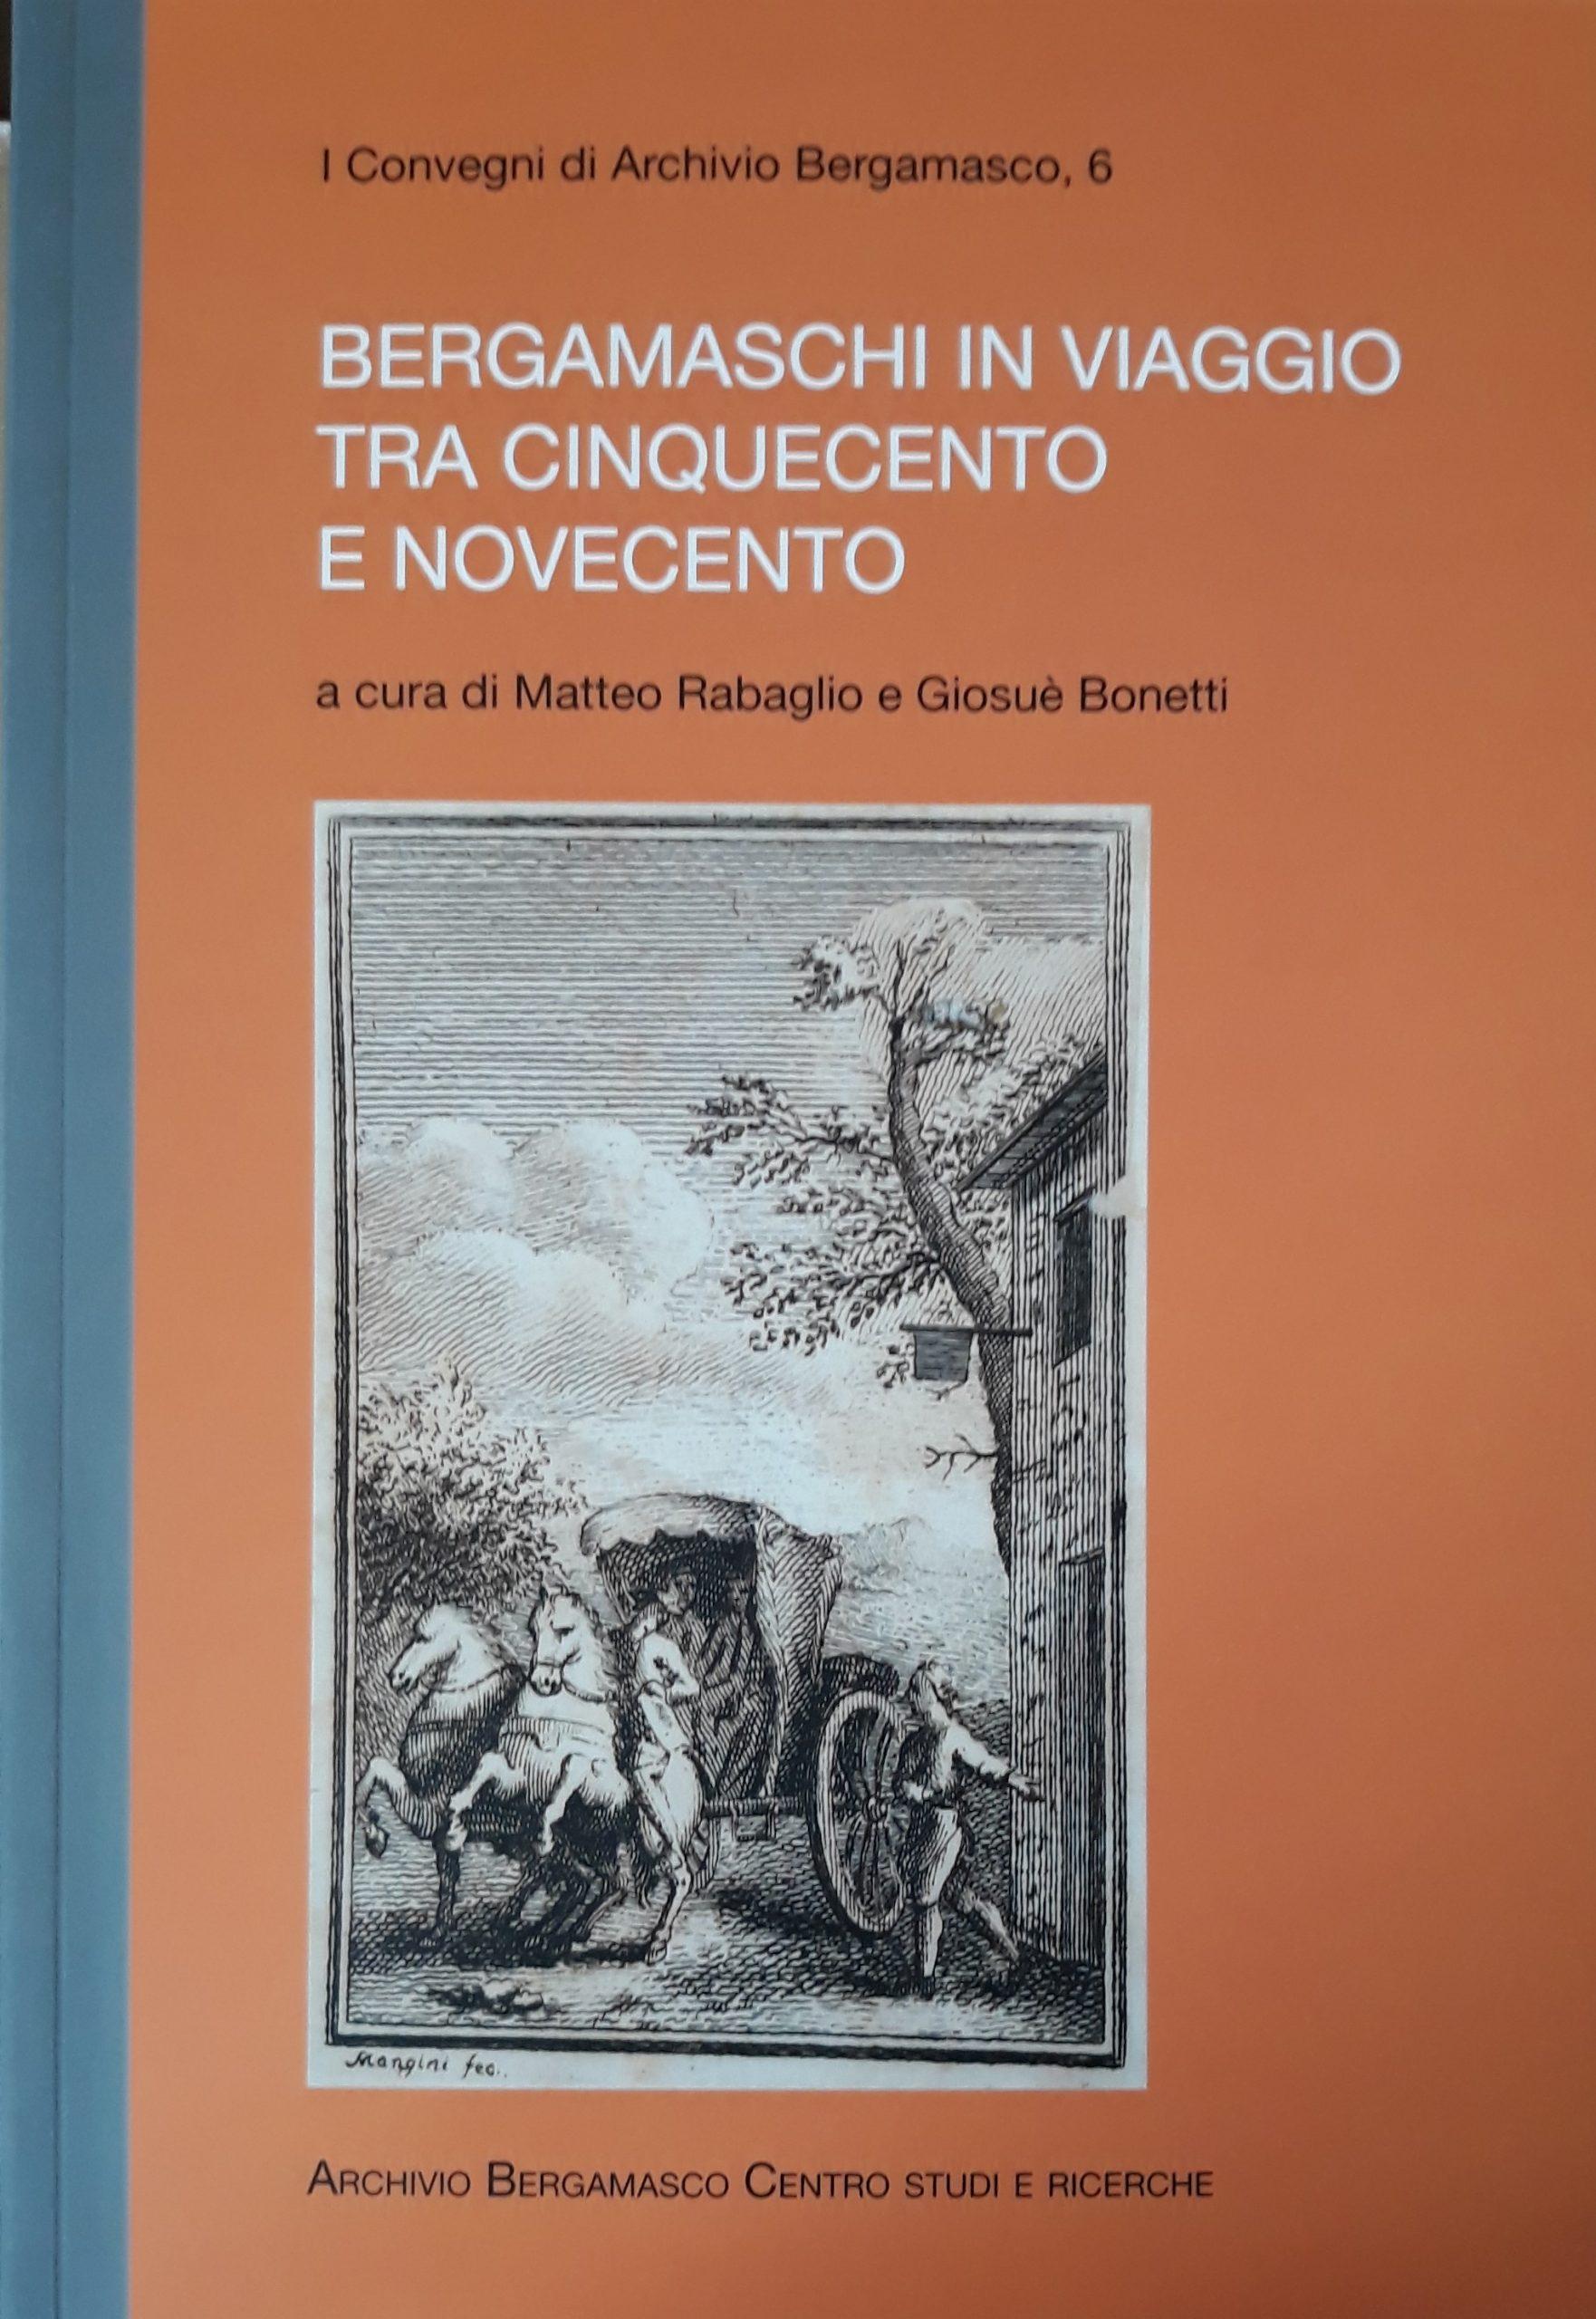 Bergamaschi in viaggio